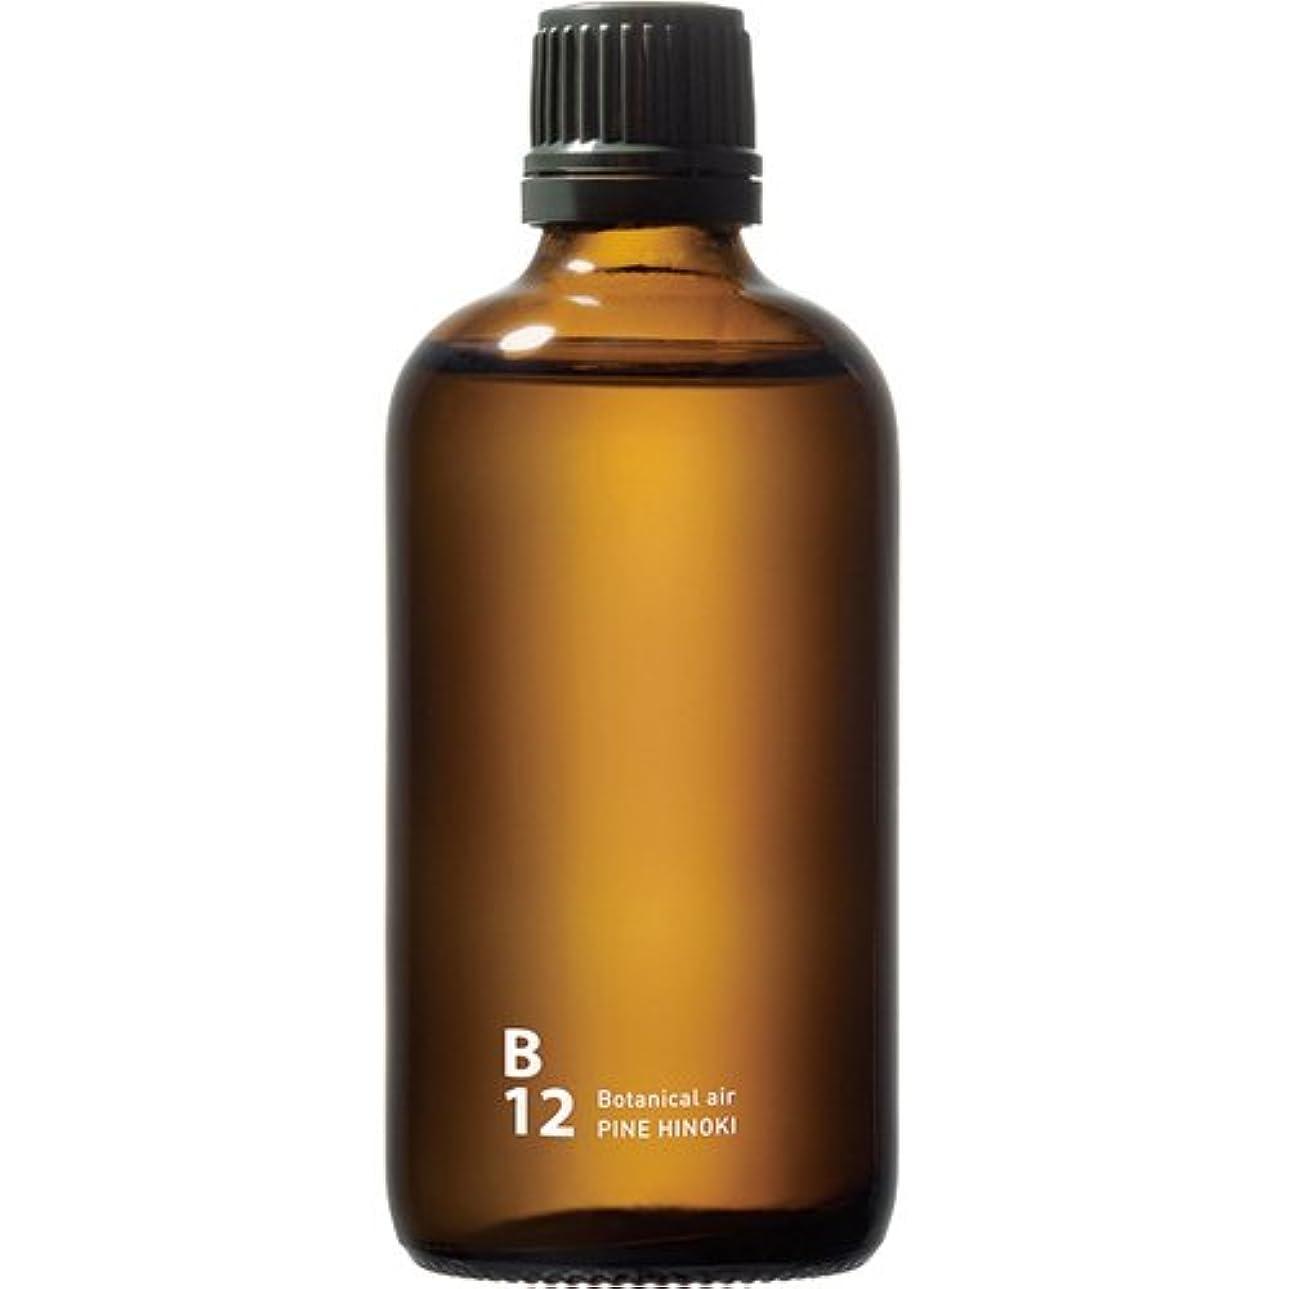 バタフライ宅配便自宅でB12 PINE HINOKI piezo aroma oil 100ml